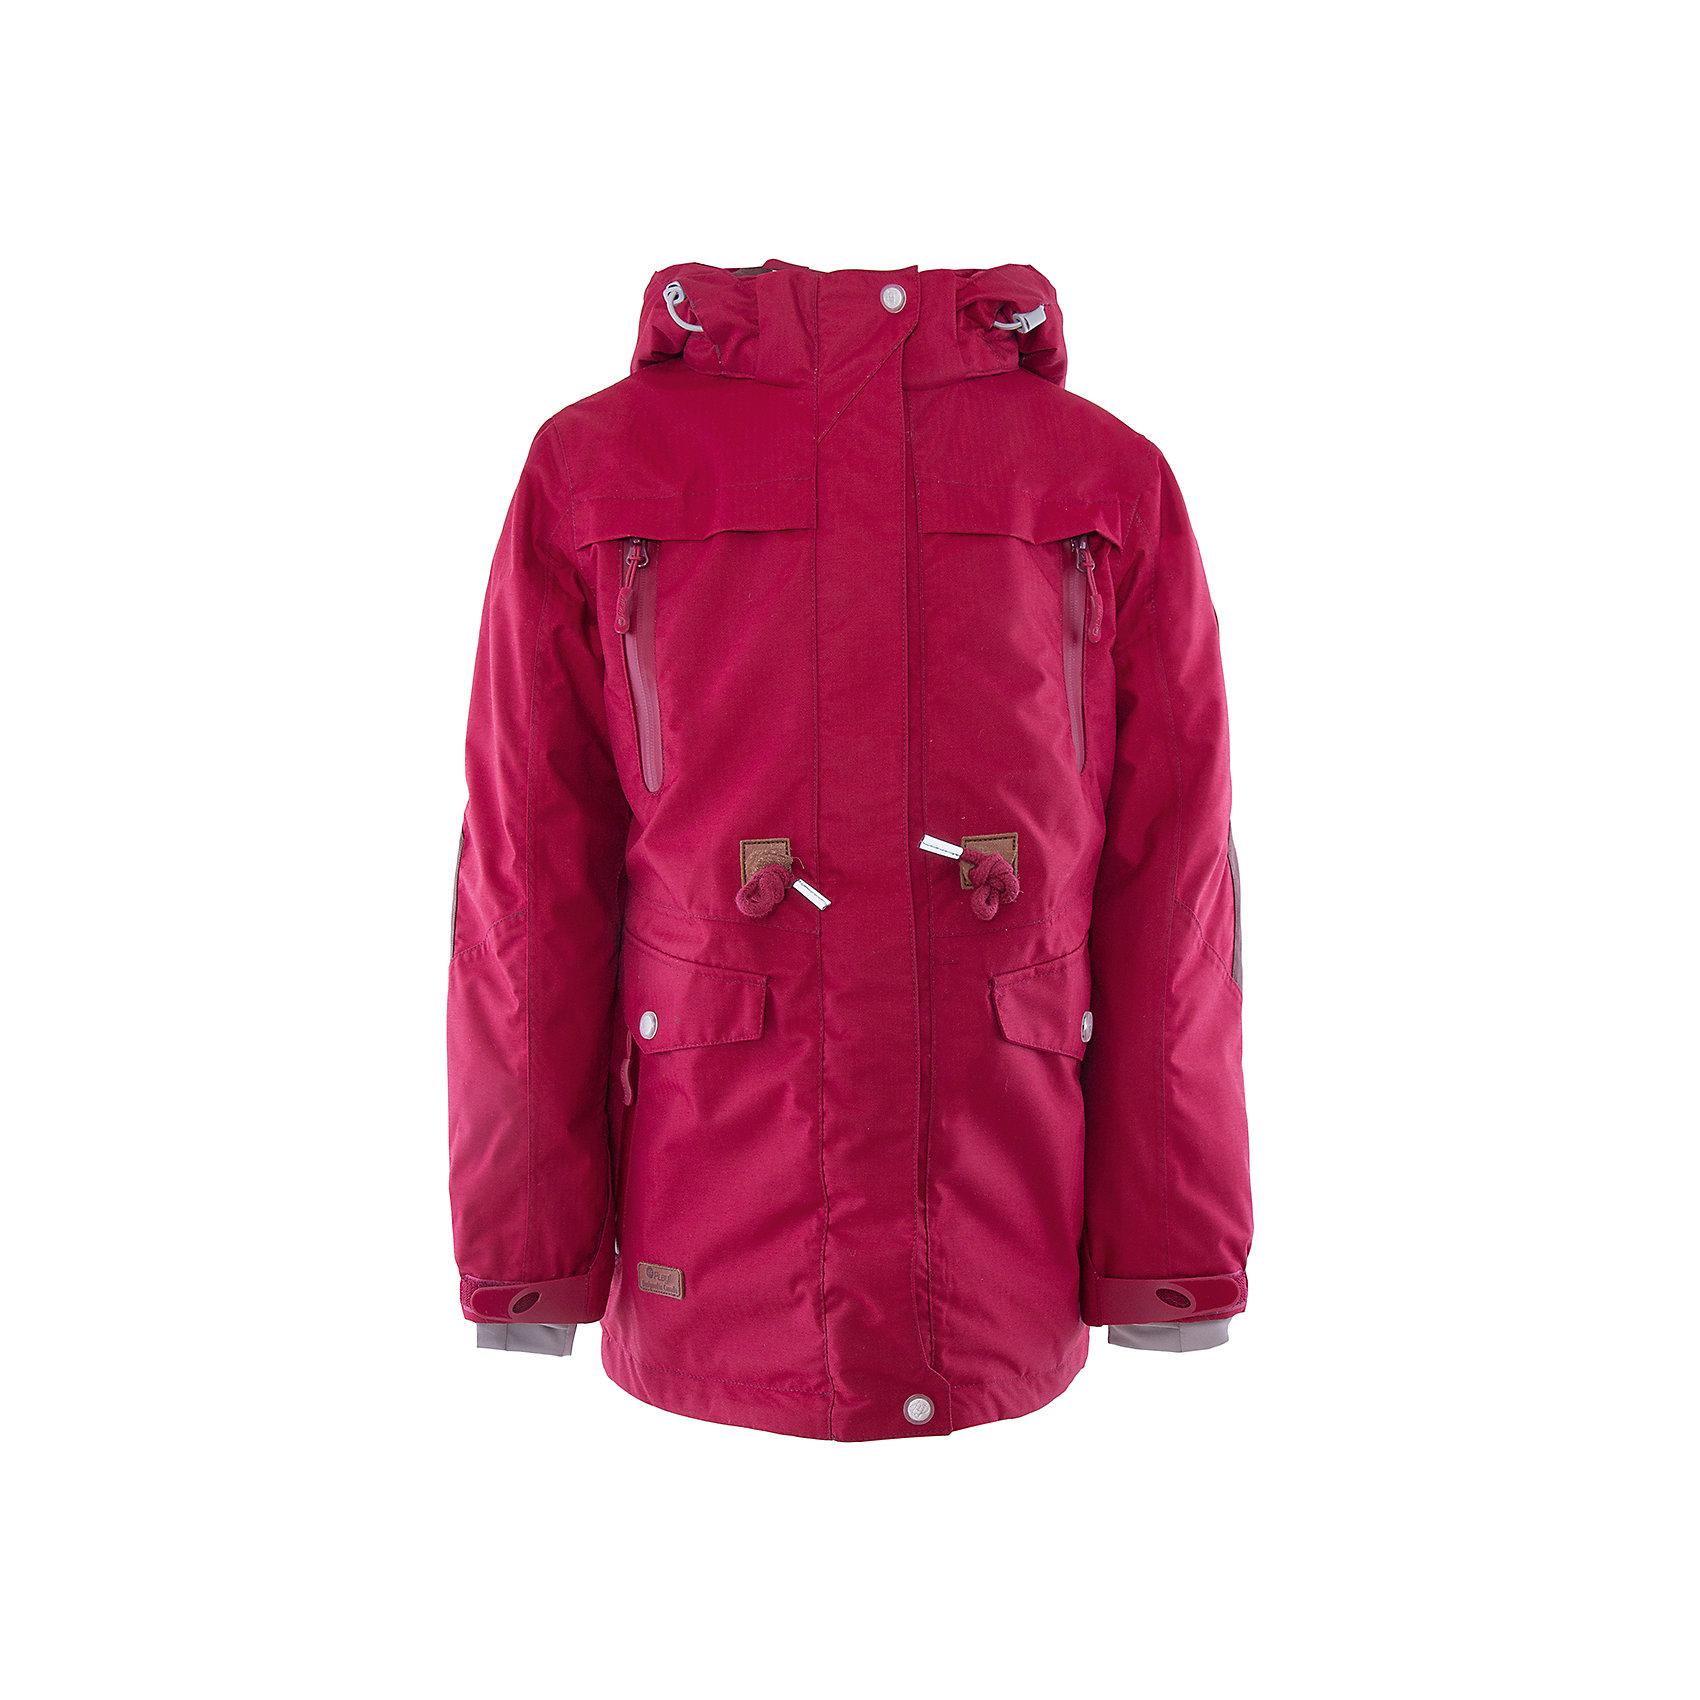 Куртка для девочки atPlay!Верхняя одежда<br>Зимой необходимо особенно тщательно подходить к подбору одежды для ребенка. Чтобы обеспечить ему тепло, сухость и комфорт, можно выбрать эту куртку, сшитую из мембранного материала.<br>Он позволяет коже дышать, помогает выводить лишнюю влагу, при этом не позволяет ребенку замерзнуть или промокнуть. Выглядит при этом модель очень симпатично! Изделие выполнено очень качественно. Фурнитура для него подбиралась с учетом особенностей детского организма. Курточка удлиненная, с капюшоном.<br><br>Дополнительная информация:<br><br>цвет: красный;<br>материал: полиэстер, фурнитура YKK, водо- и грязеотталкивающее покрытие Teflon;<br>утеплитель: Thinsulate 150 г;<br>температурный режим: от - 25° С до +5° С;<br>капюшон;<br>паропроницаемость: 10000 г / м.куб. / 24 ч;<br>водонепроницаемость: 10000 мм / 24 ч;<br>планка от ветра;<br>легко чистить.<br><br>Куртку для девочки от бренда atPlay! можно приобрести в нашем интернет-магазине.<br><br>Ширина мм: 356<br>Глубина мм: 10<br>Высота мм: 245<br>Вес г: 519<br>Цвет: красный<br>Возраст от месяцев: 120<br>Возраст до месяцев: 132<br>Пол: Женский<br>Возраст: Детский<br>Размер: 146,134,152,158,140<br>SKU: 4940538